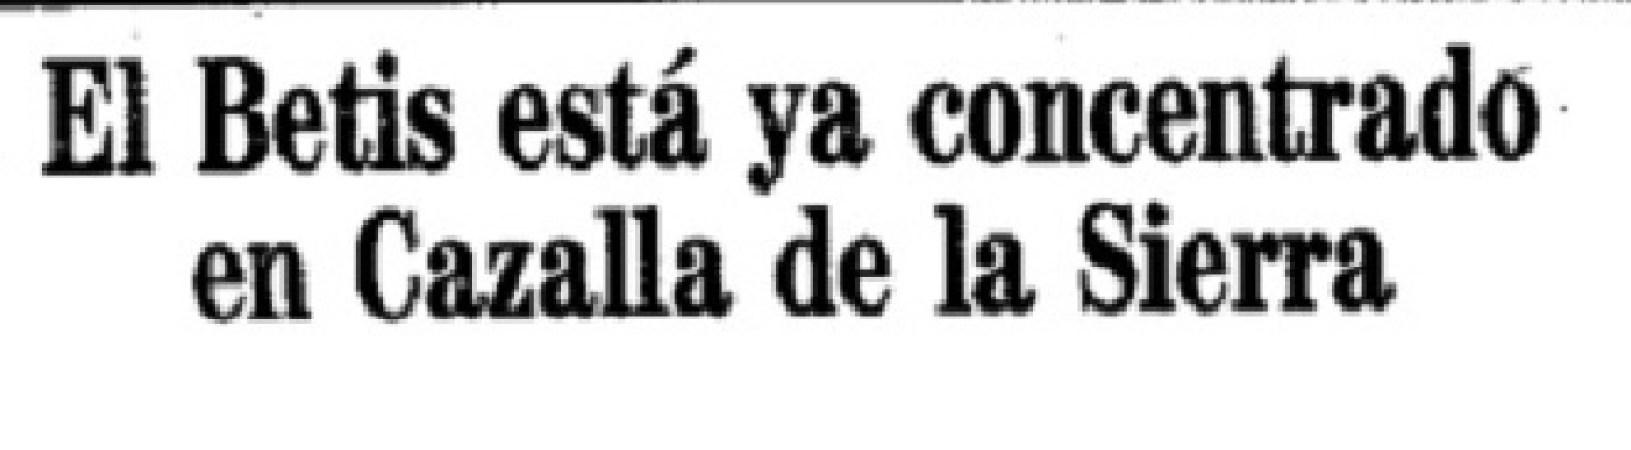 Hoy hace 28 años. Comienza la concentración en Cazalla de la Sierra.